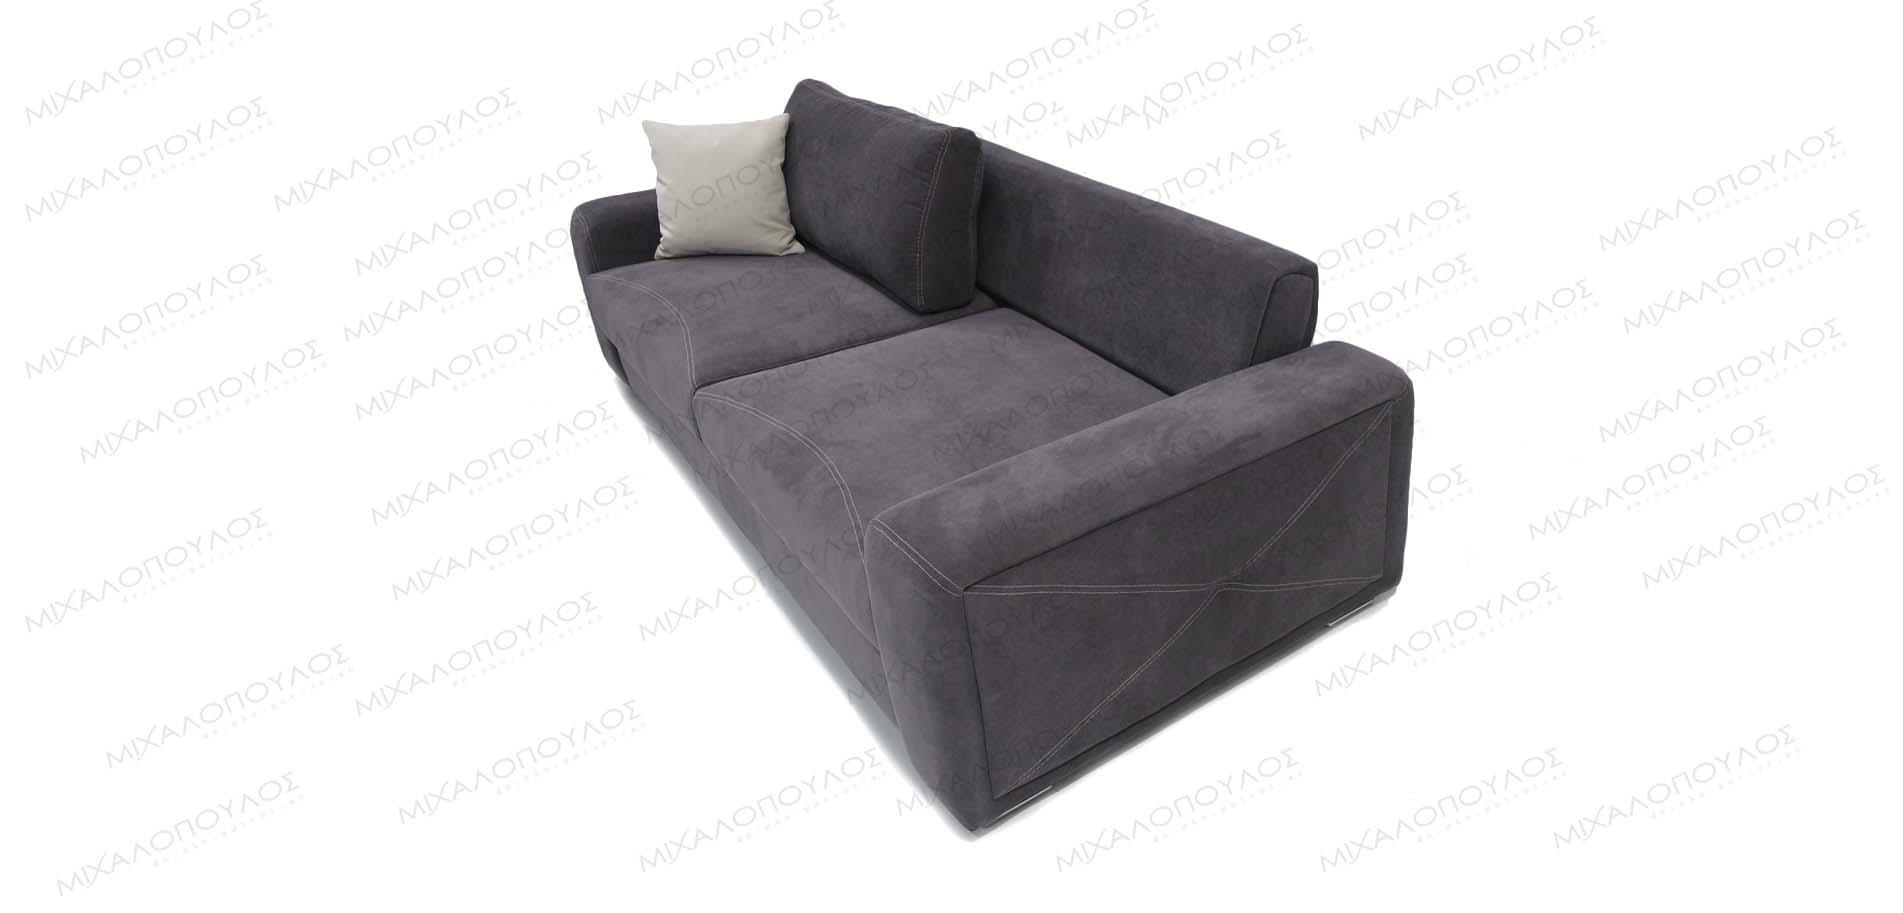 Καναπές διθέσιος τριθέσιος μοντέρνος